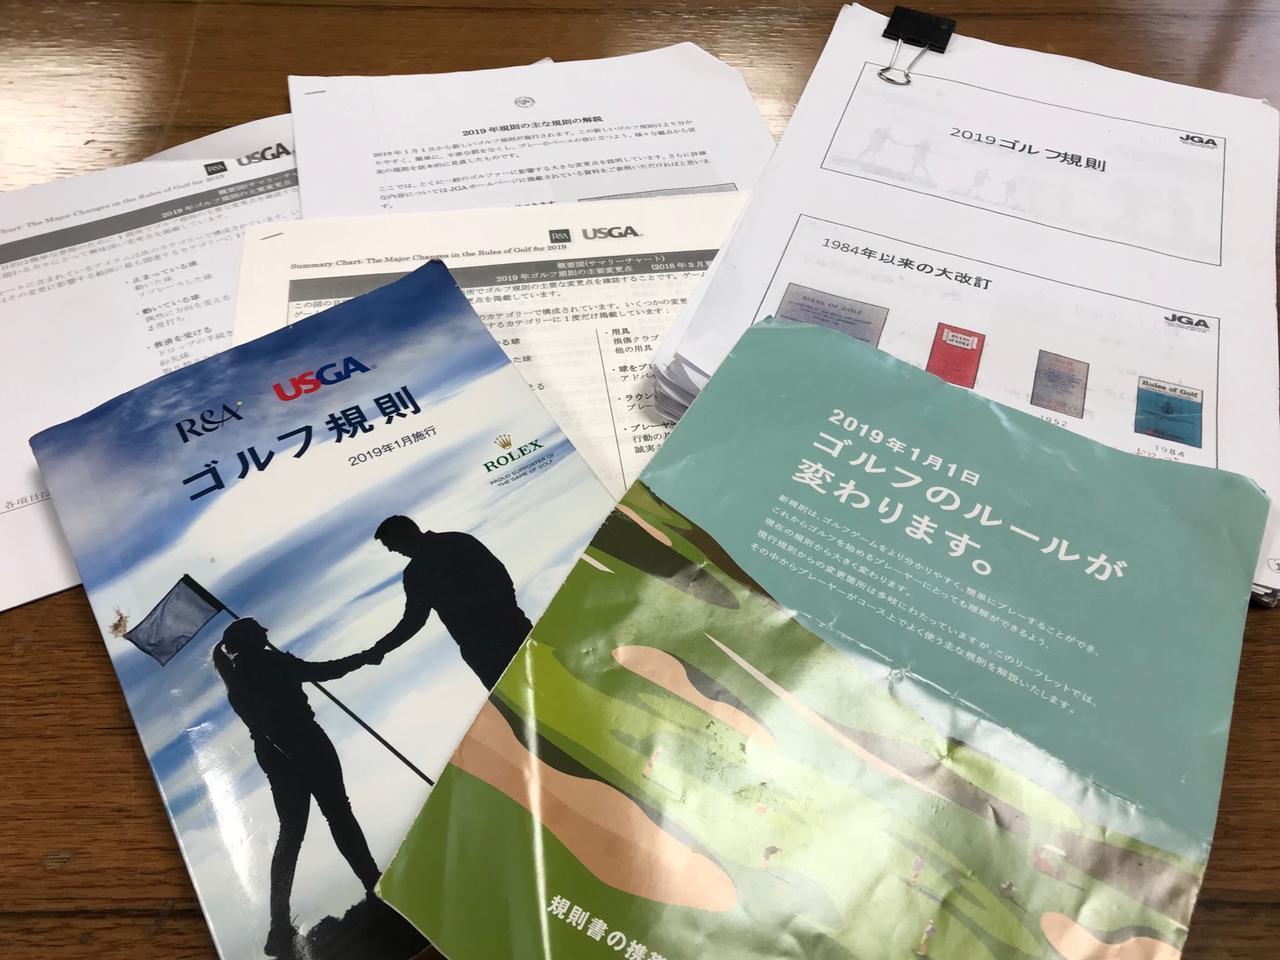 画像: 松下氏が所有する新ルール関連の資料。どれも読み込んで早くもボロボロ